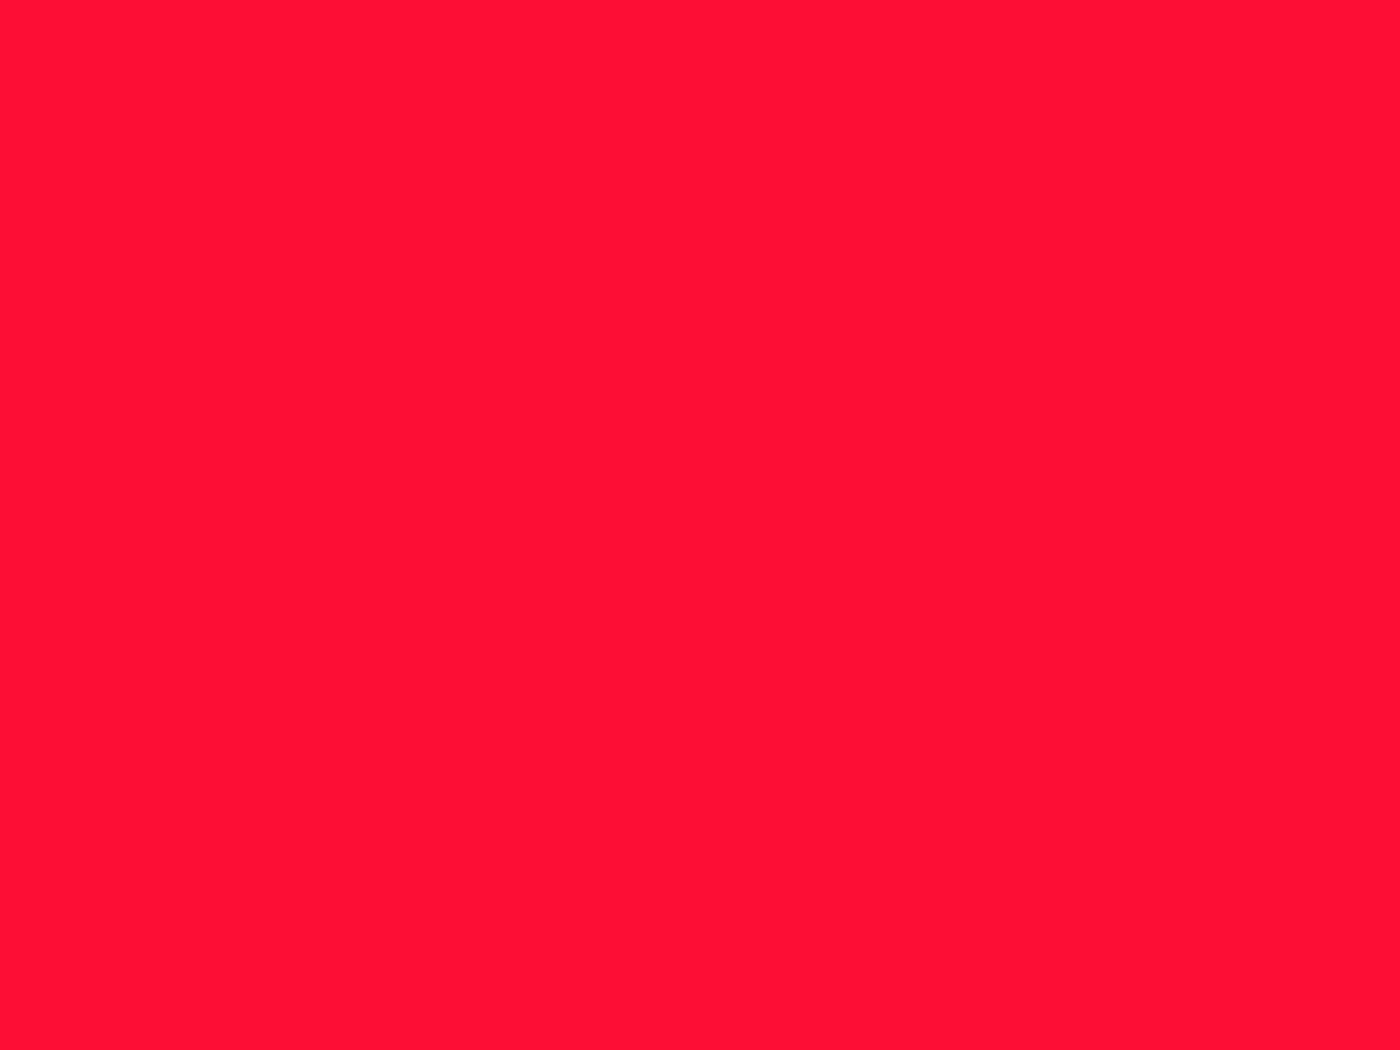 1400x1050 Scarlet Crayola Solid Color Background